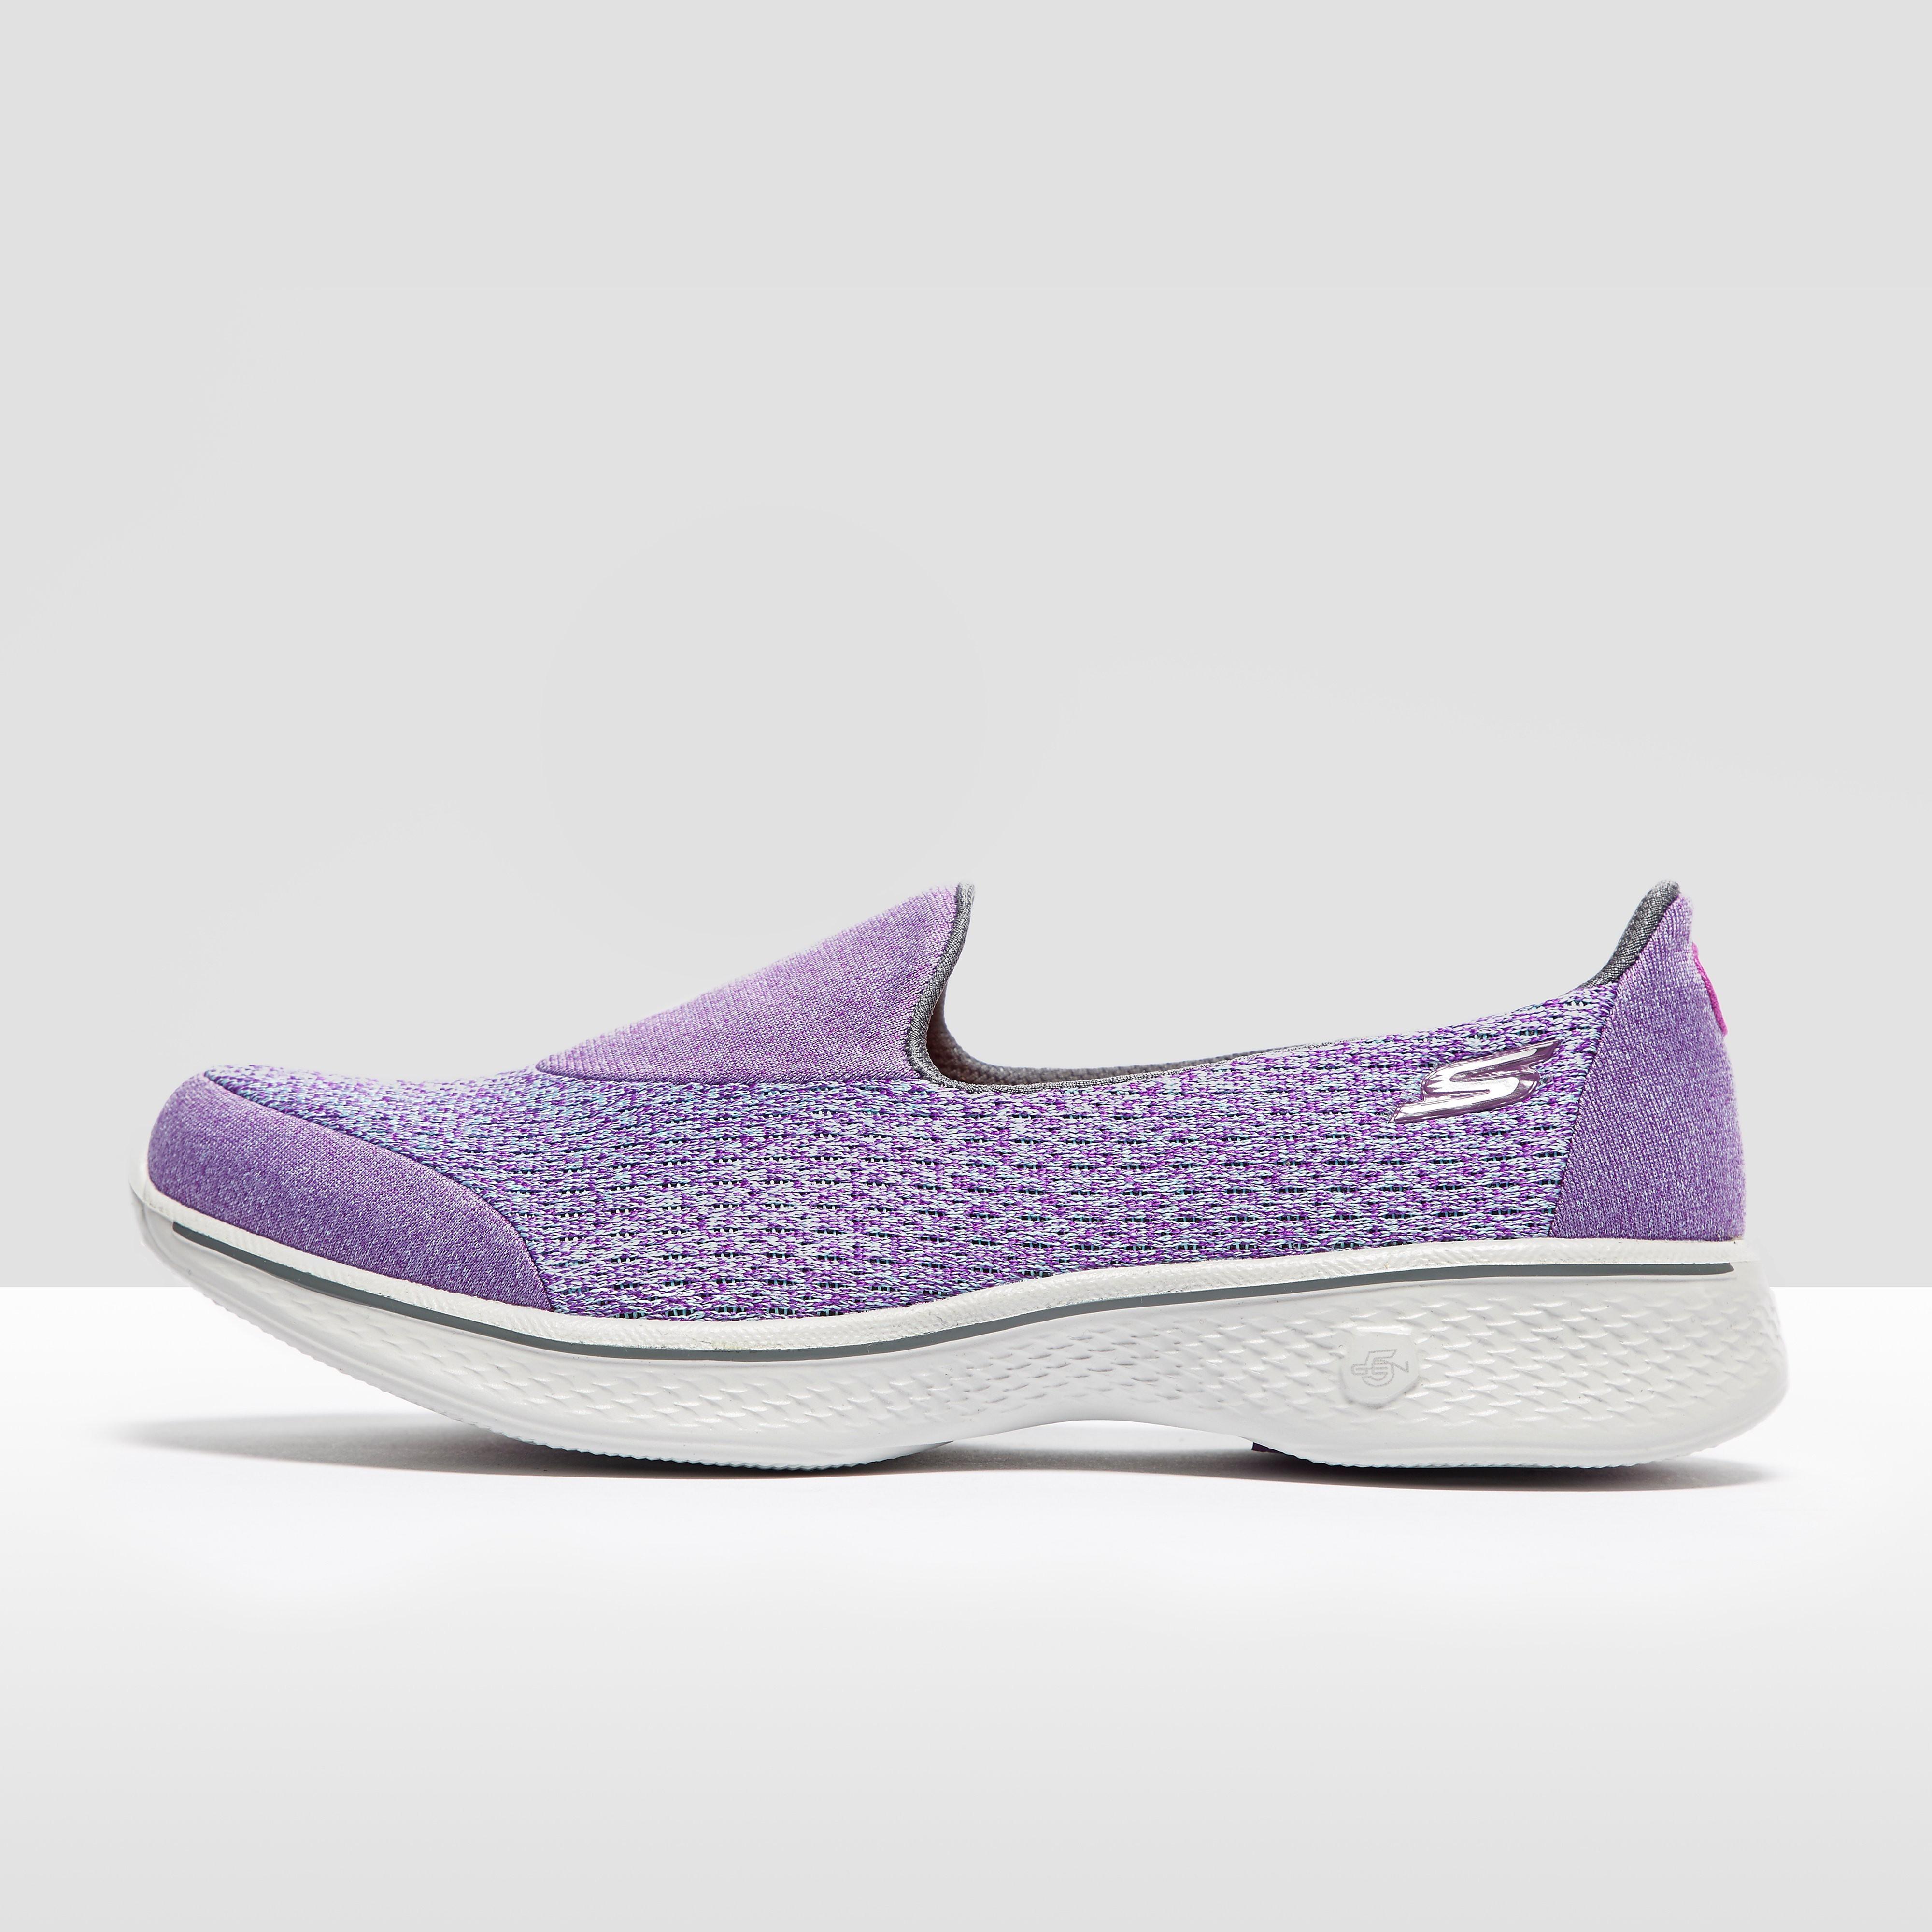 Skechers GOwalk 4 Women's Casual Shoes